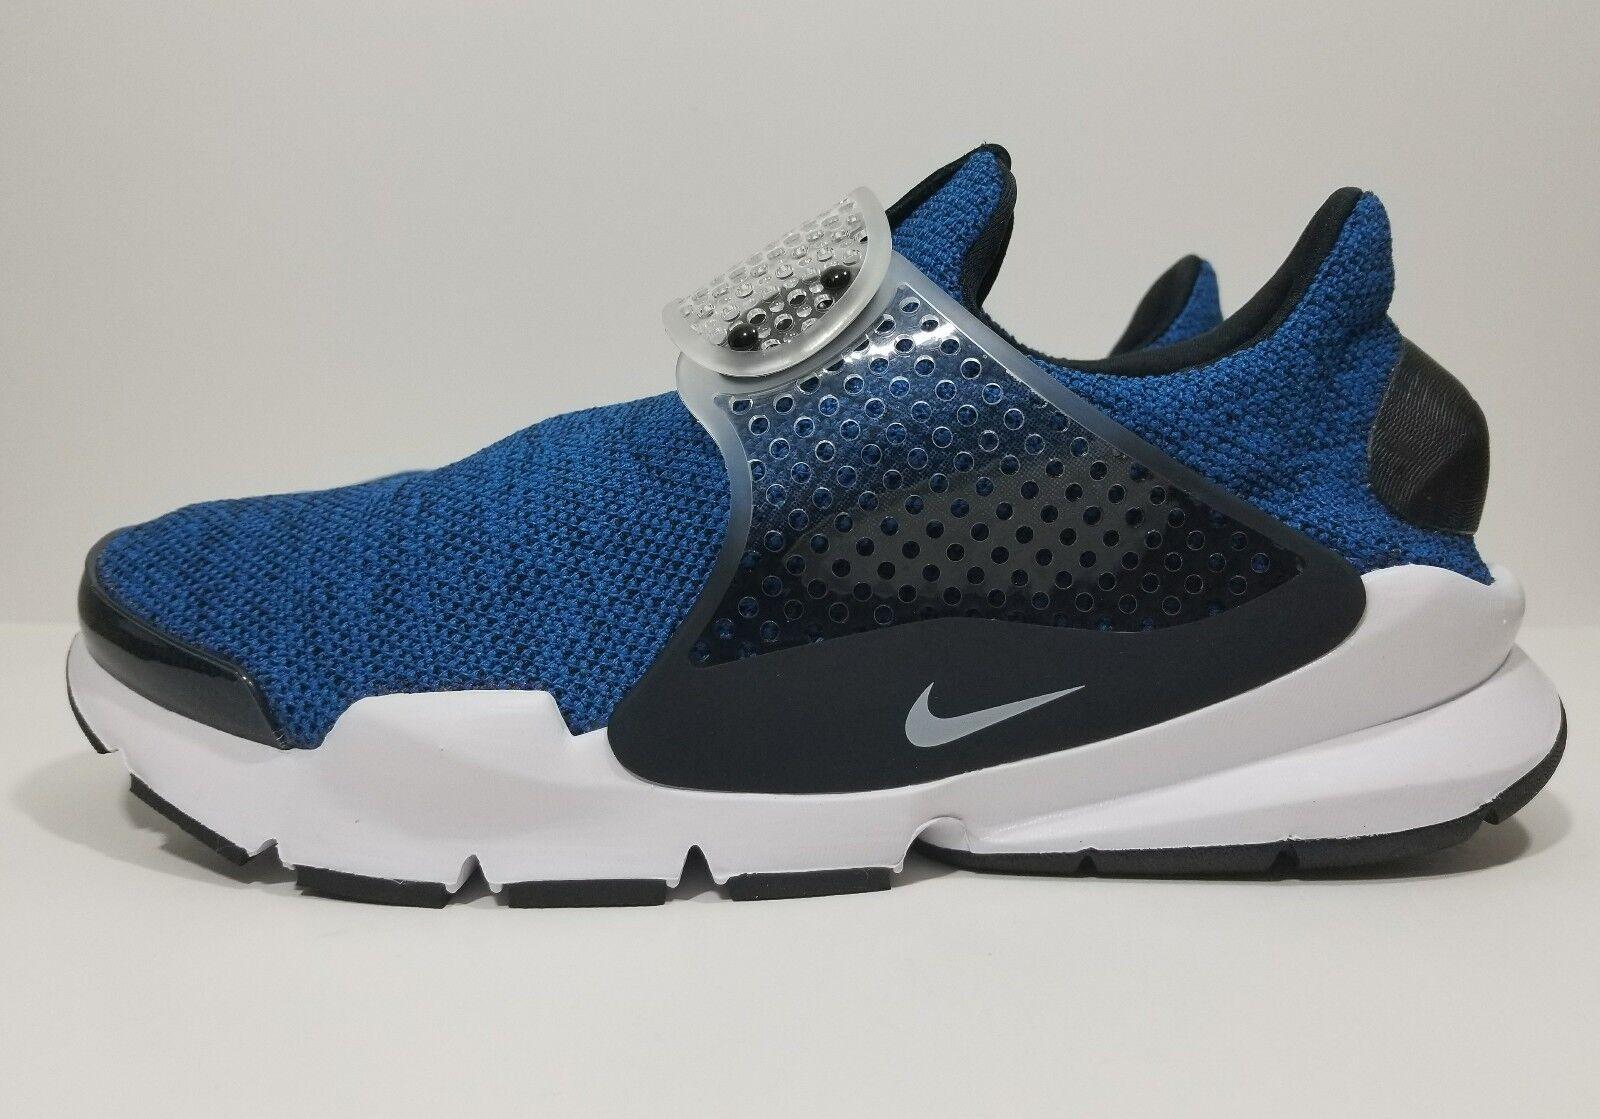 Nike Sock Dart SE Mens Running Cross Training shoes bluee White Black Size 10